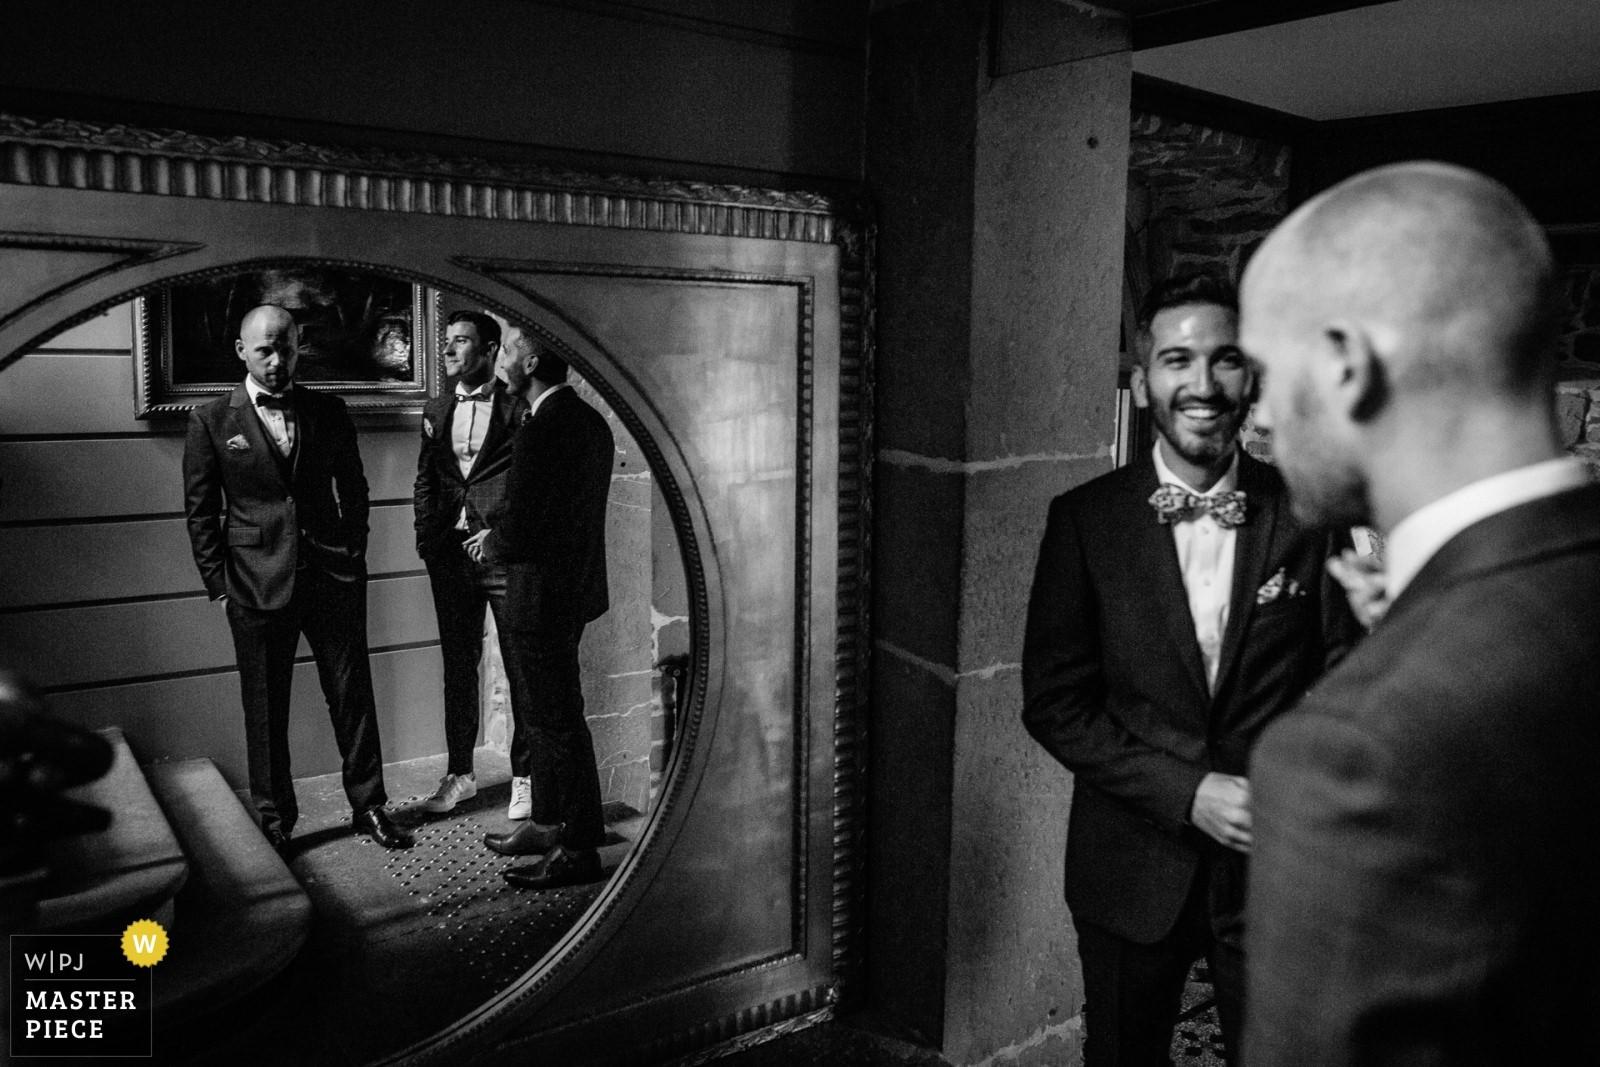 photographe-mariage-rhonealpeswpja-charleneaubert (4).jpg